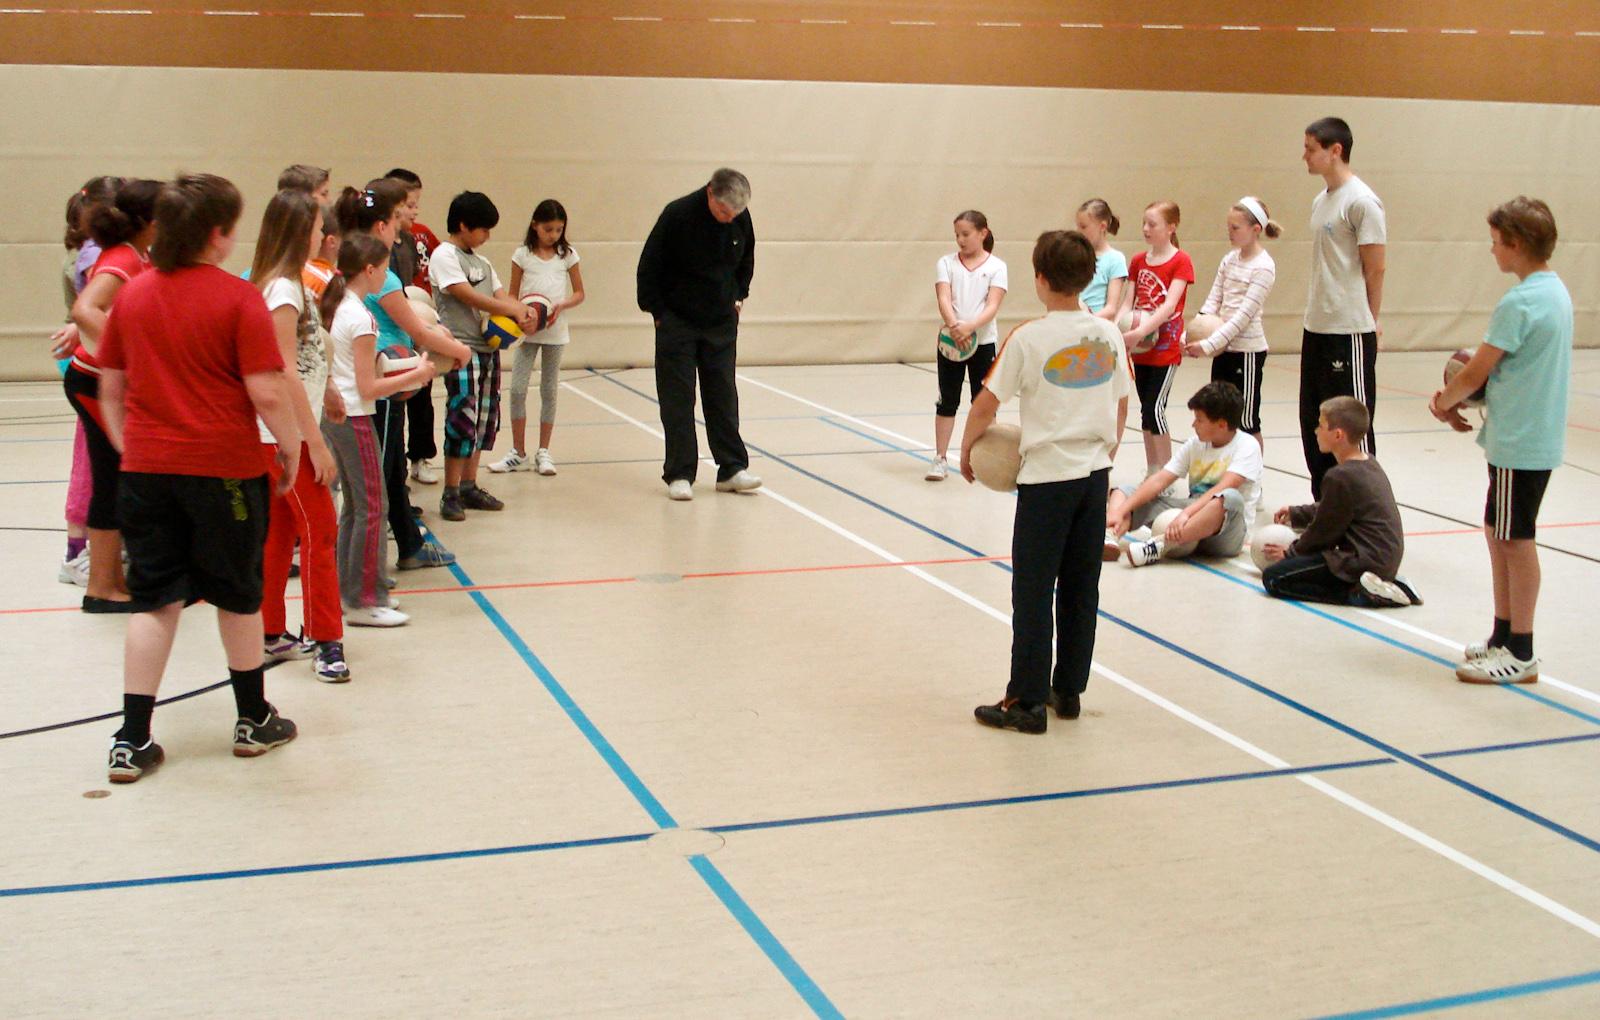 Schulaktion am Sinziger Rhein-Gymnasium